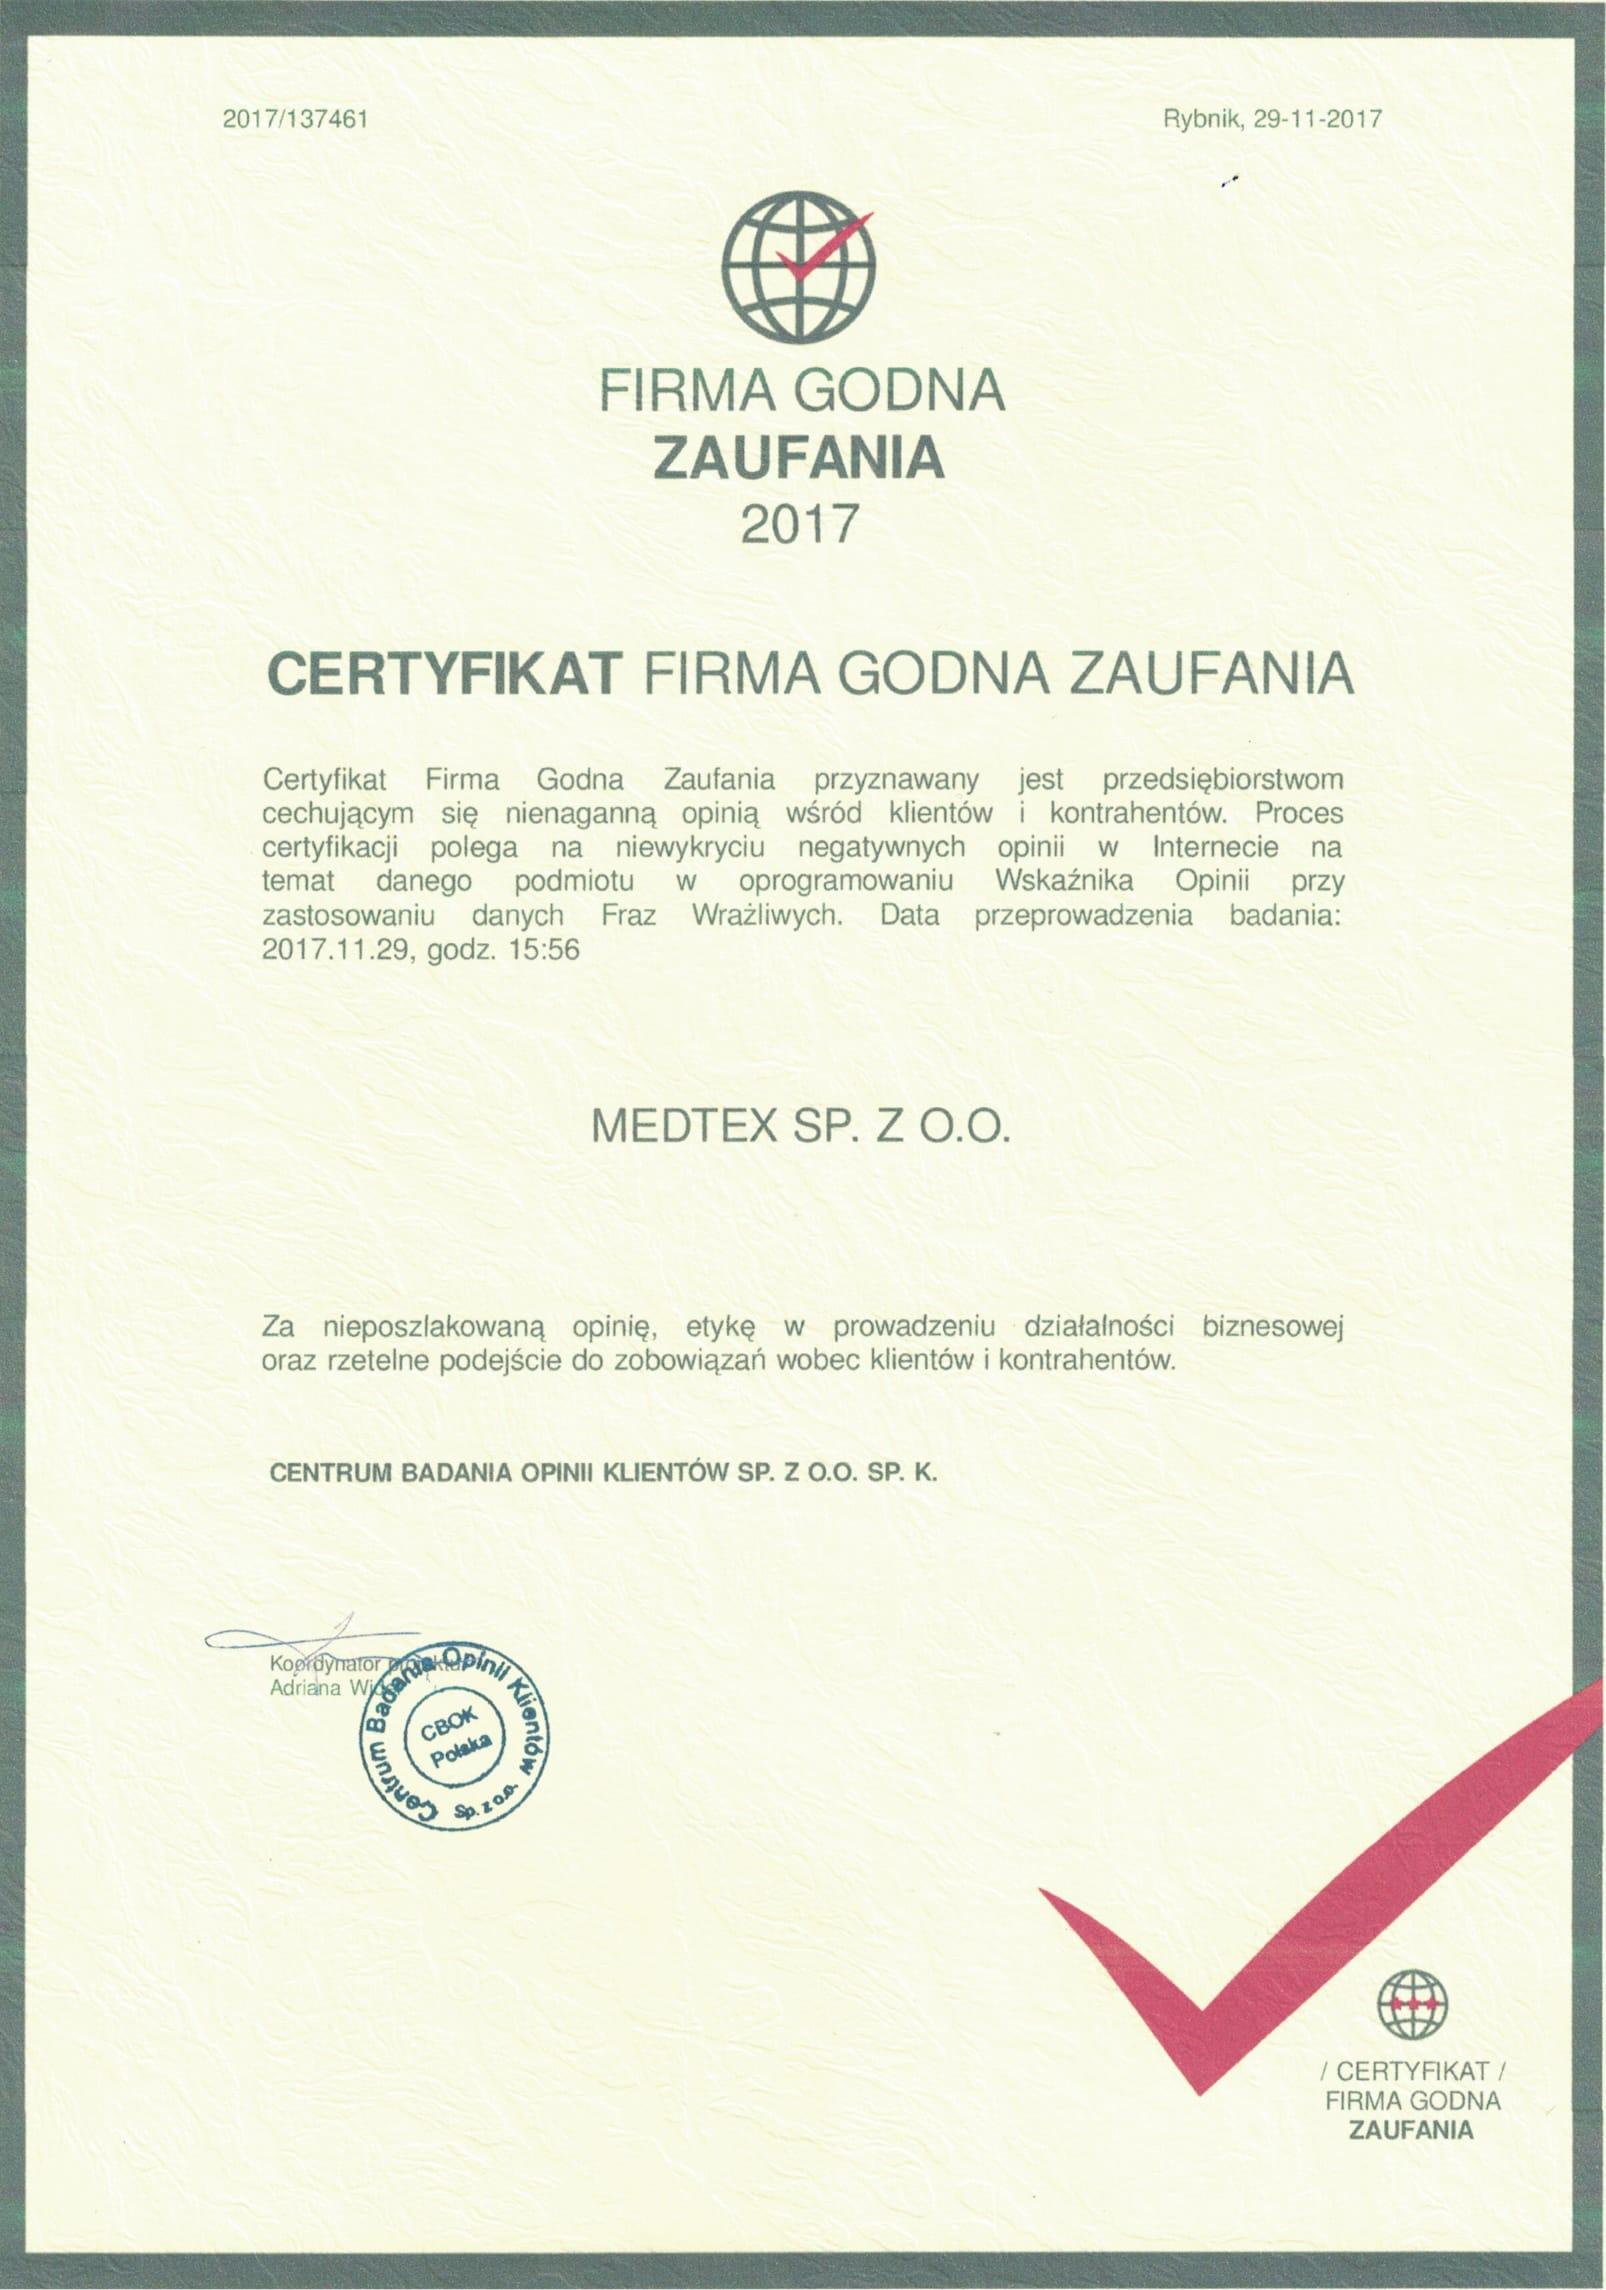 Certyfikat Firma godna zaufania.jpg